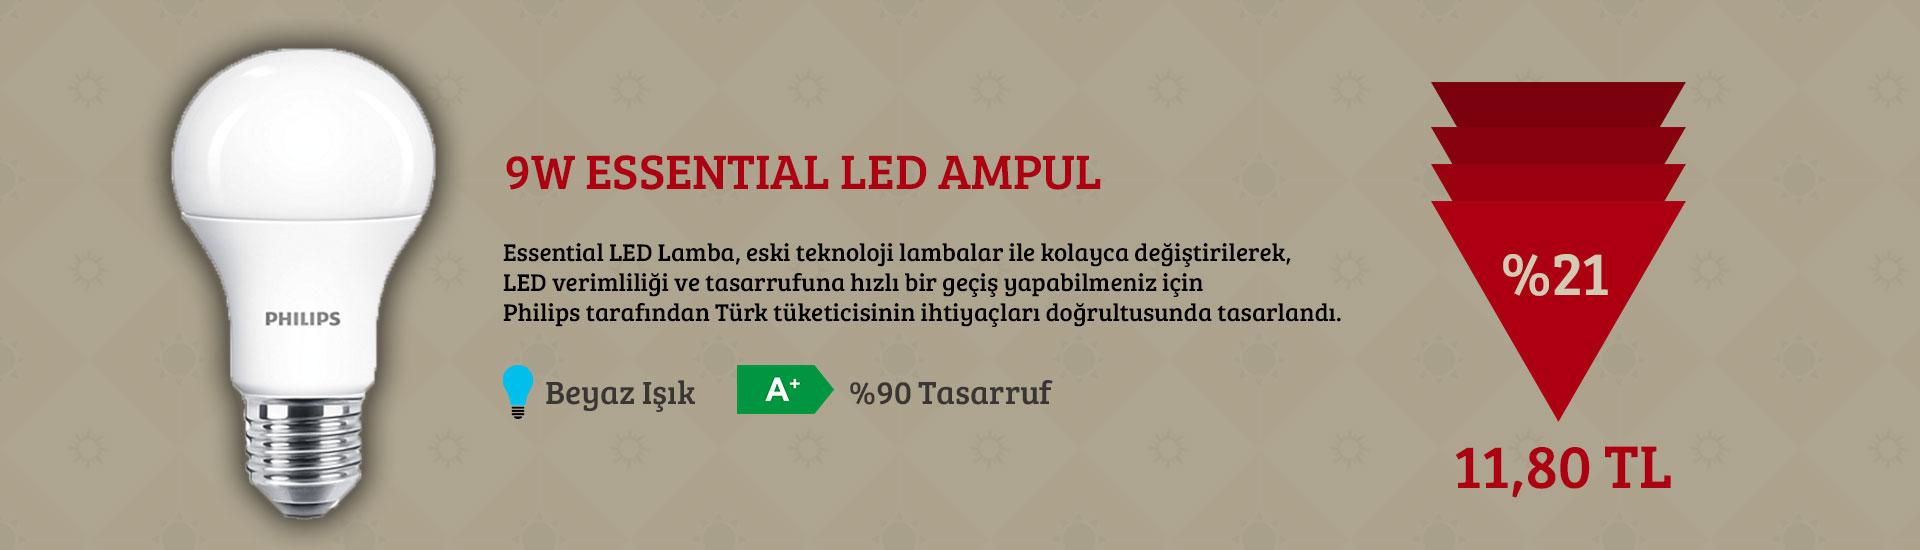 9W Essential Led Ampul